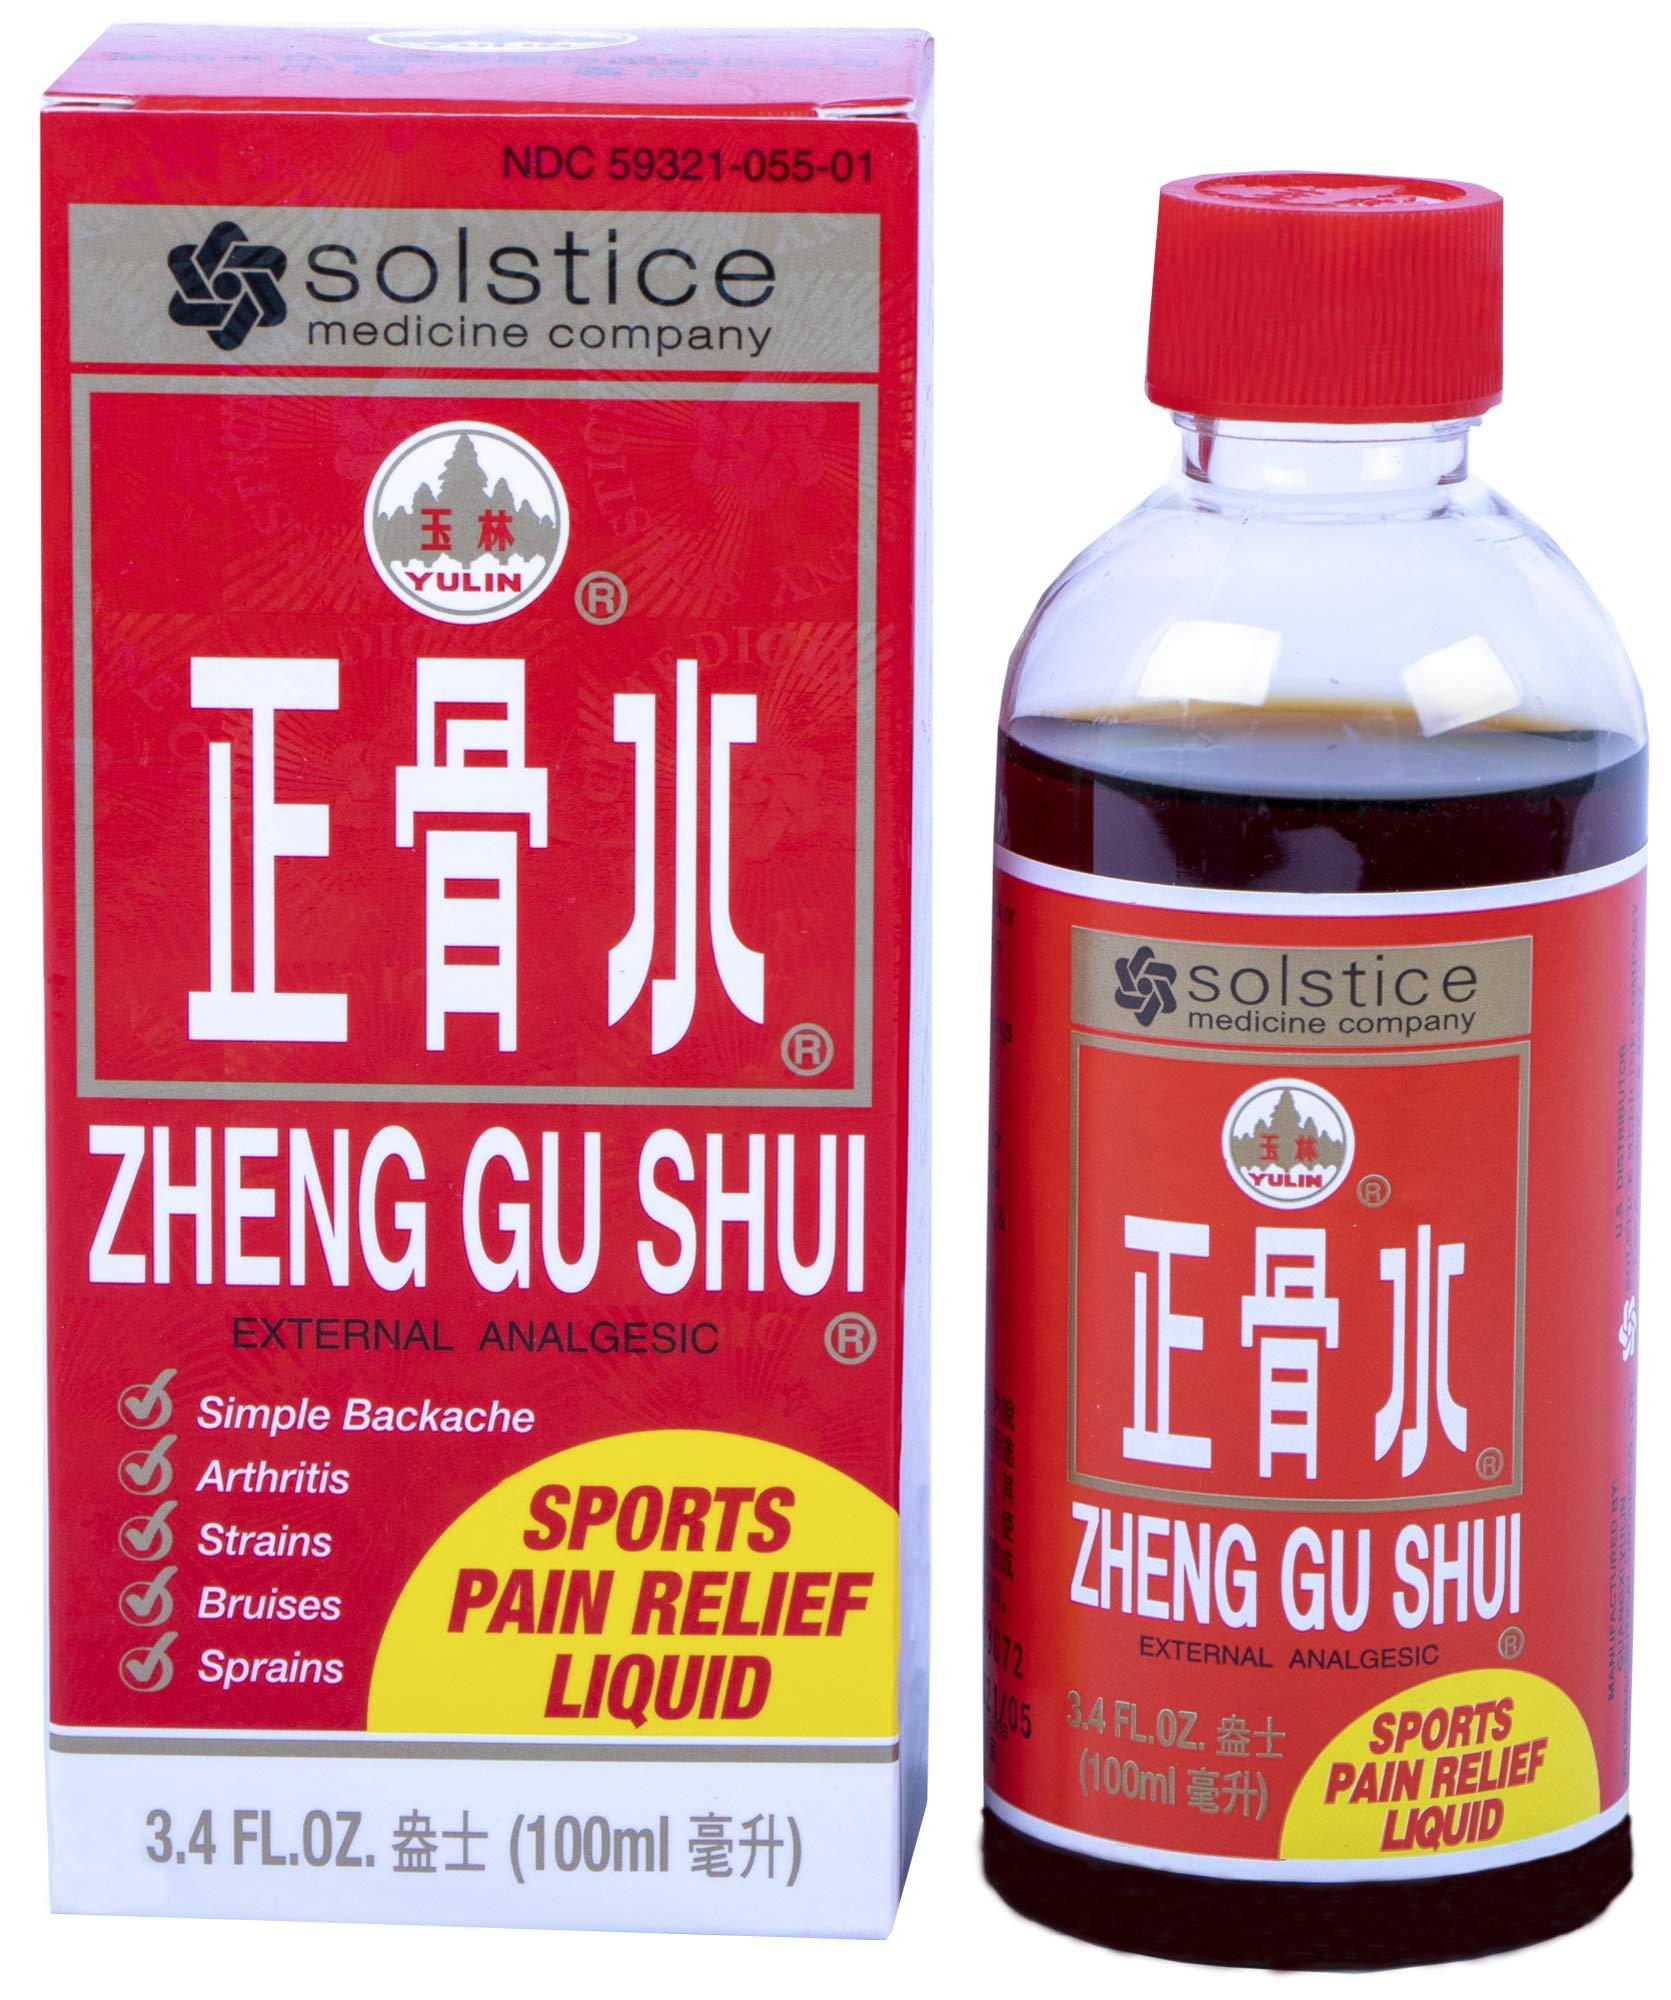 ZHENG GU SHUI - External Analgesic Lotion, 3.4 Oz by Zheng Gu Shui